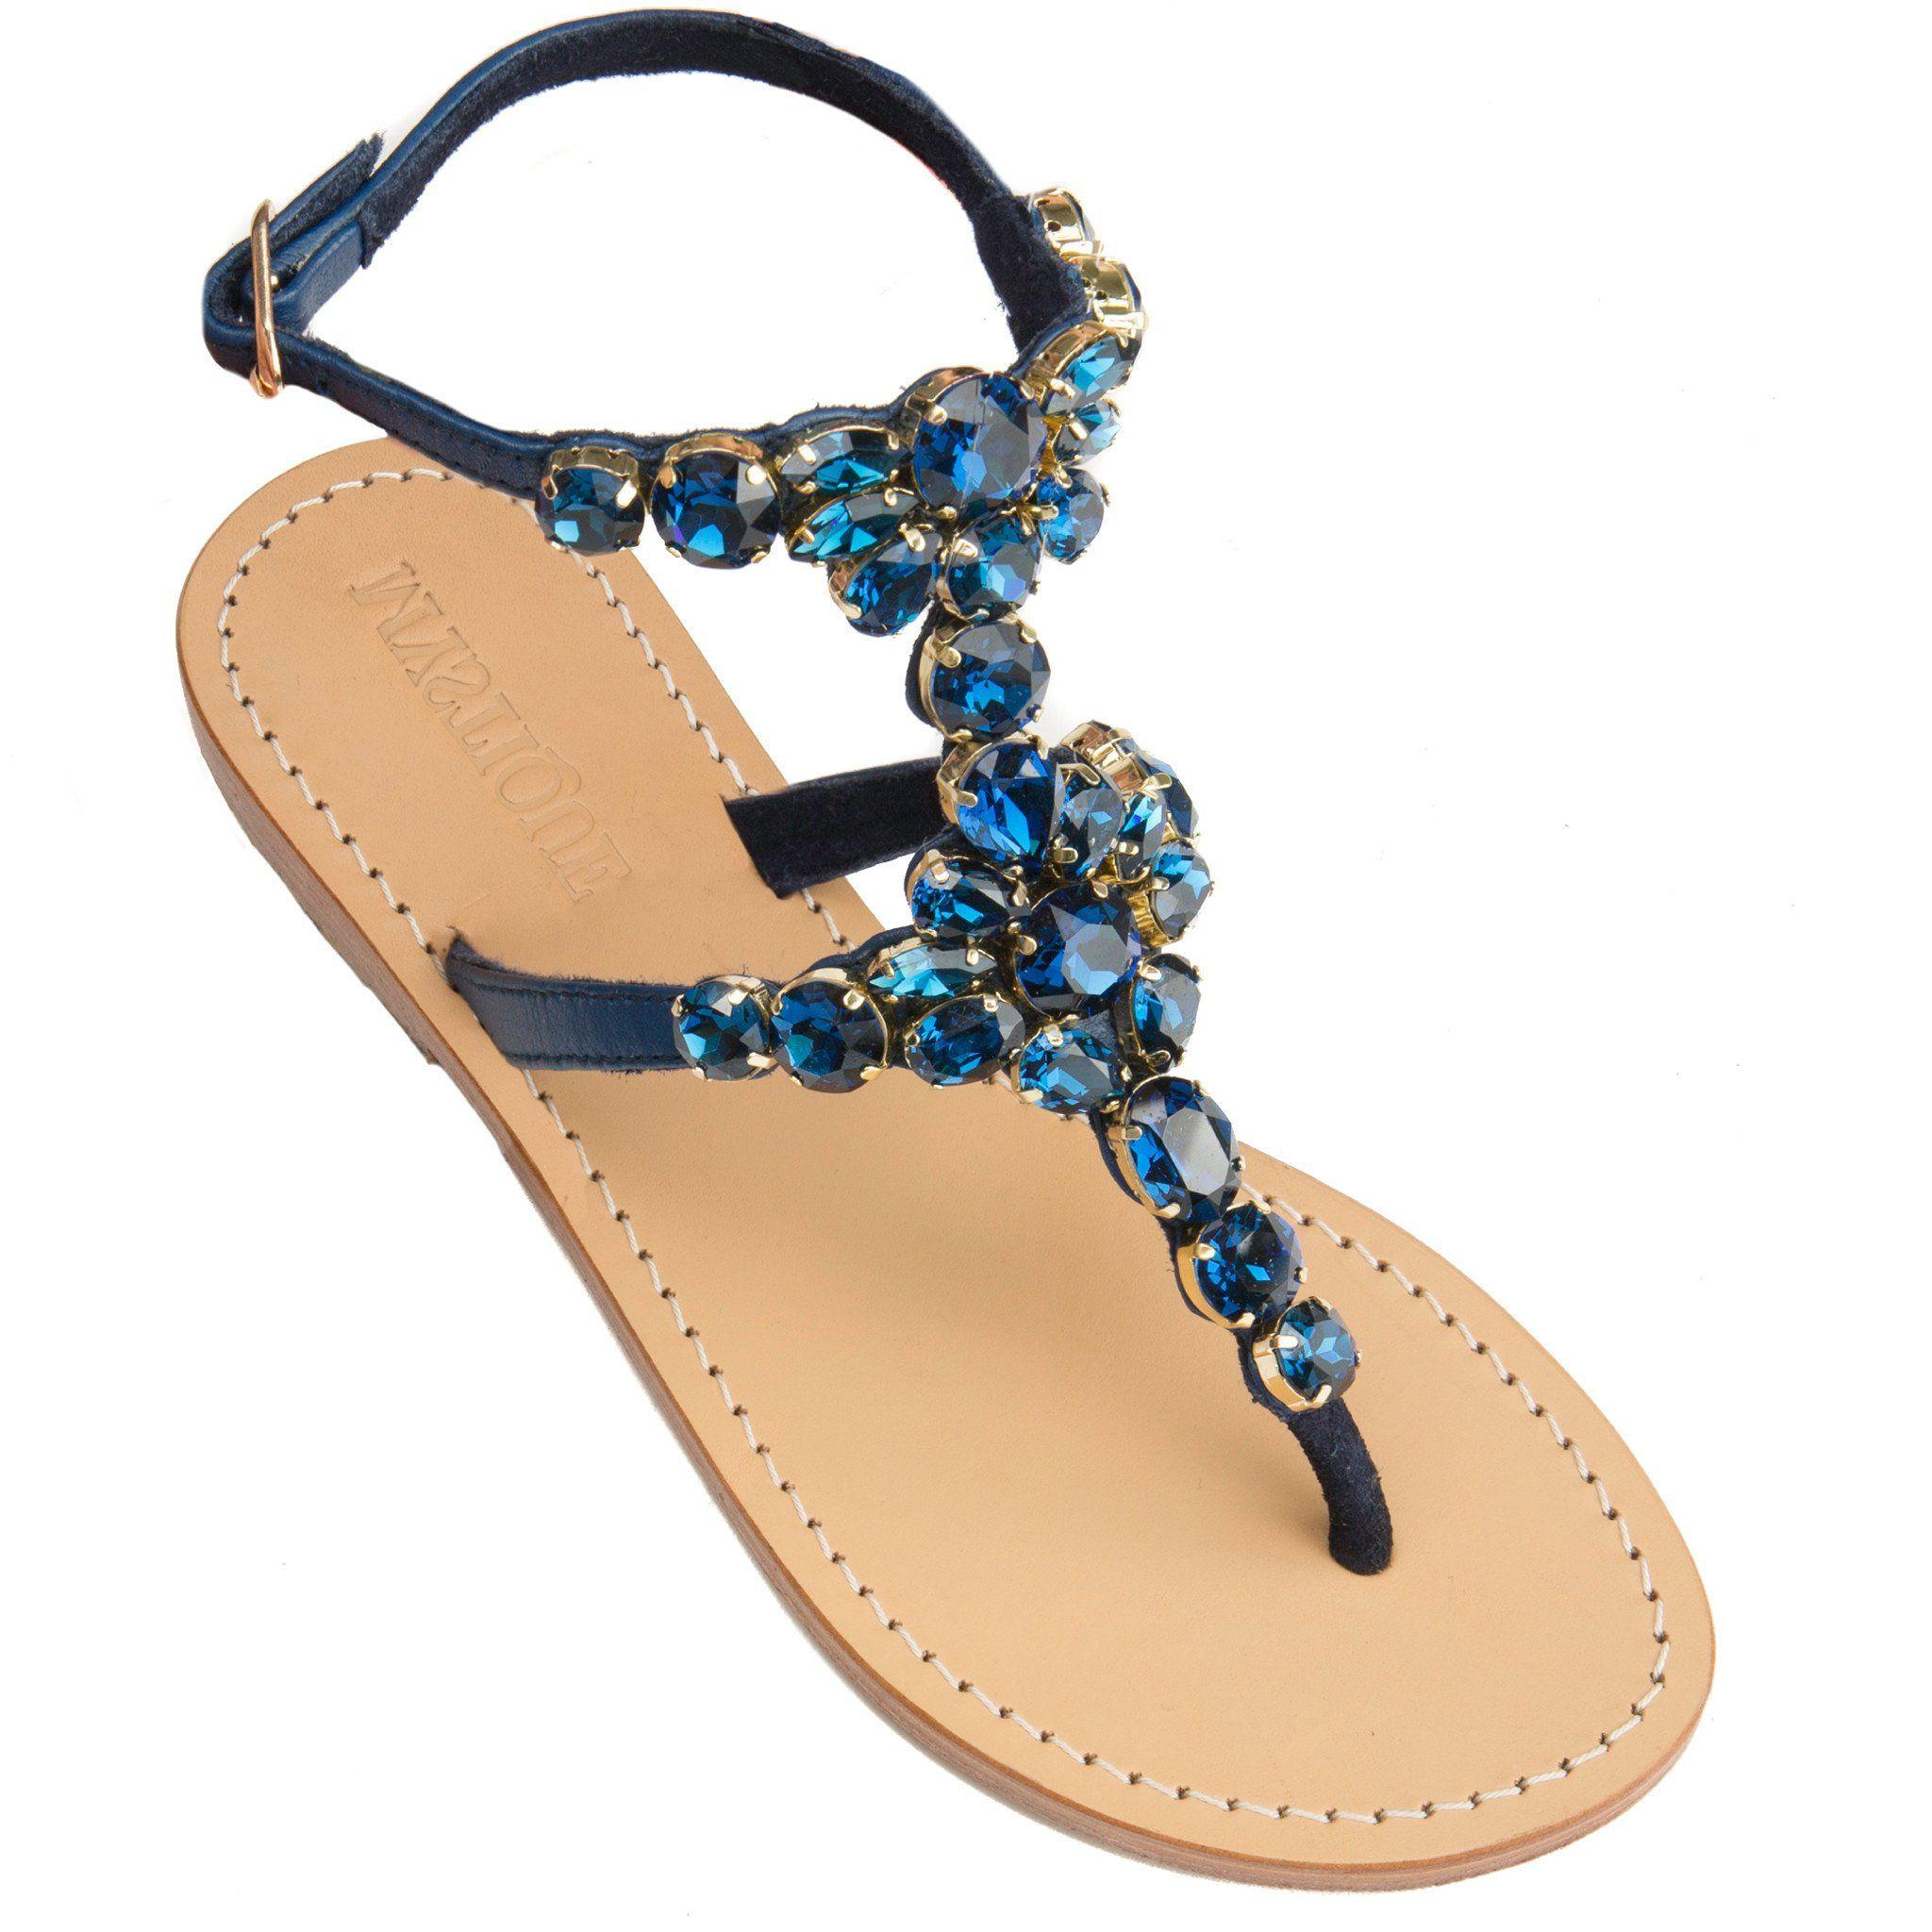 bca3e560cc5d5 Mystique Women s Leather Jeweled Sandals - Vancouver – Mystique Sandals